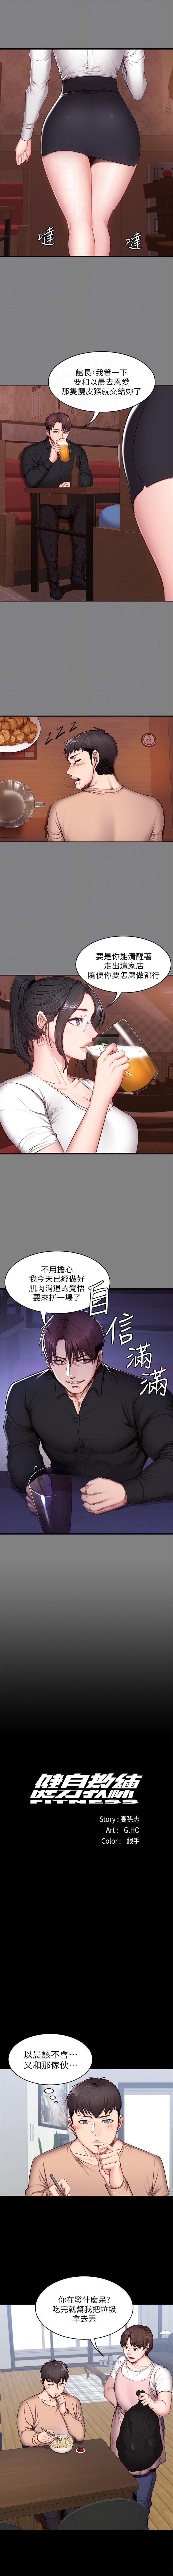 健身教練 1-56 官方中文(連載中) 84